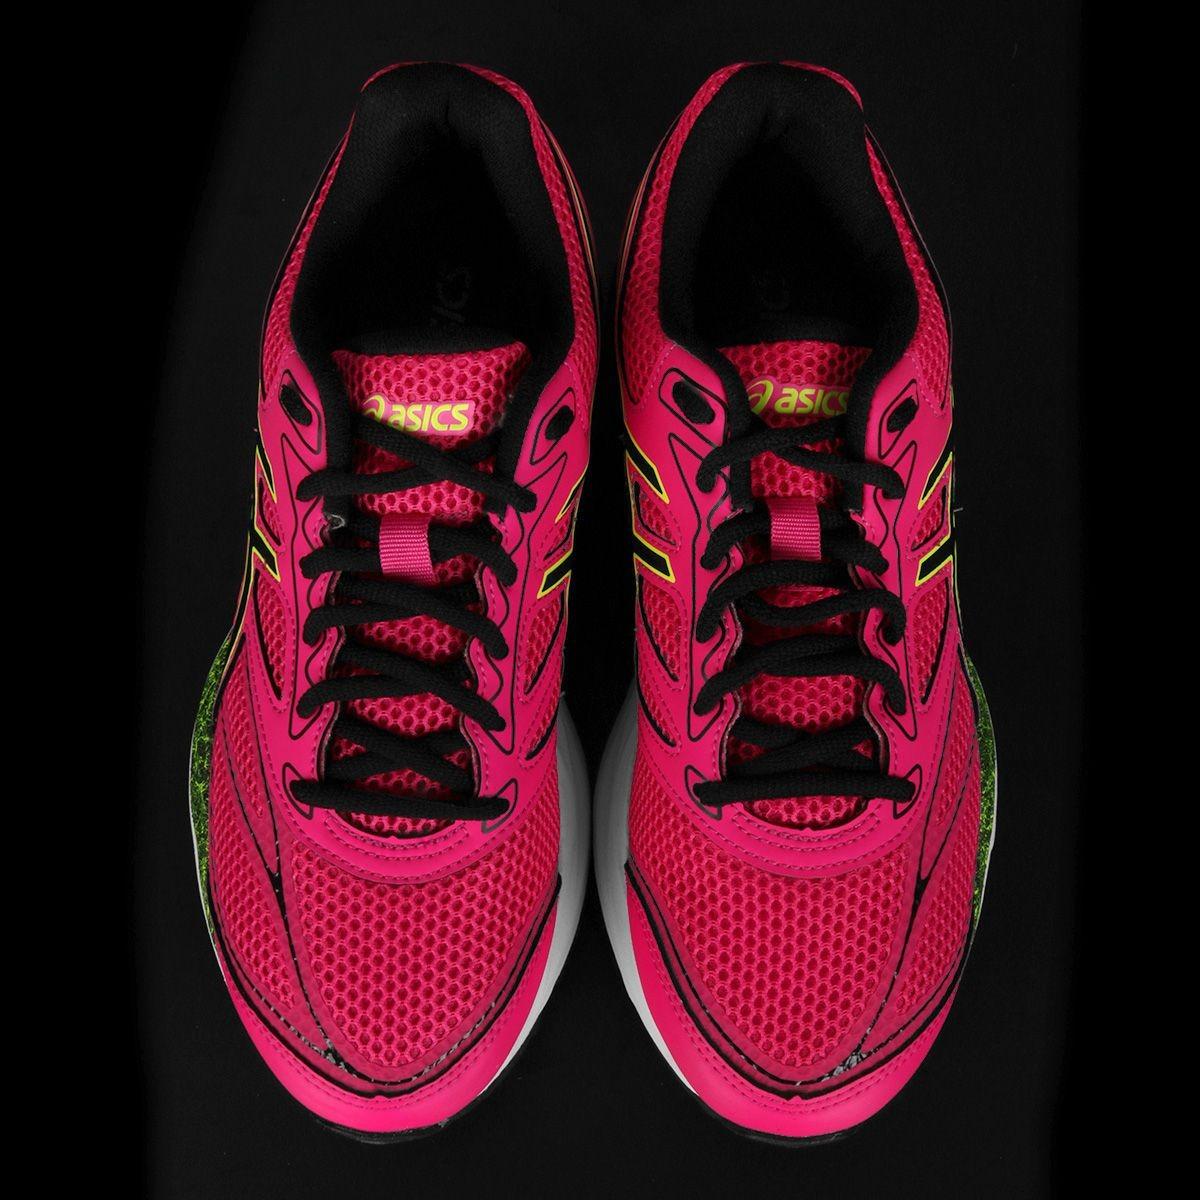 tênis asics gel pulse 8 pink e preto. Carregando zoom. 4c410a0049100